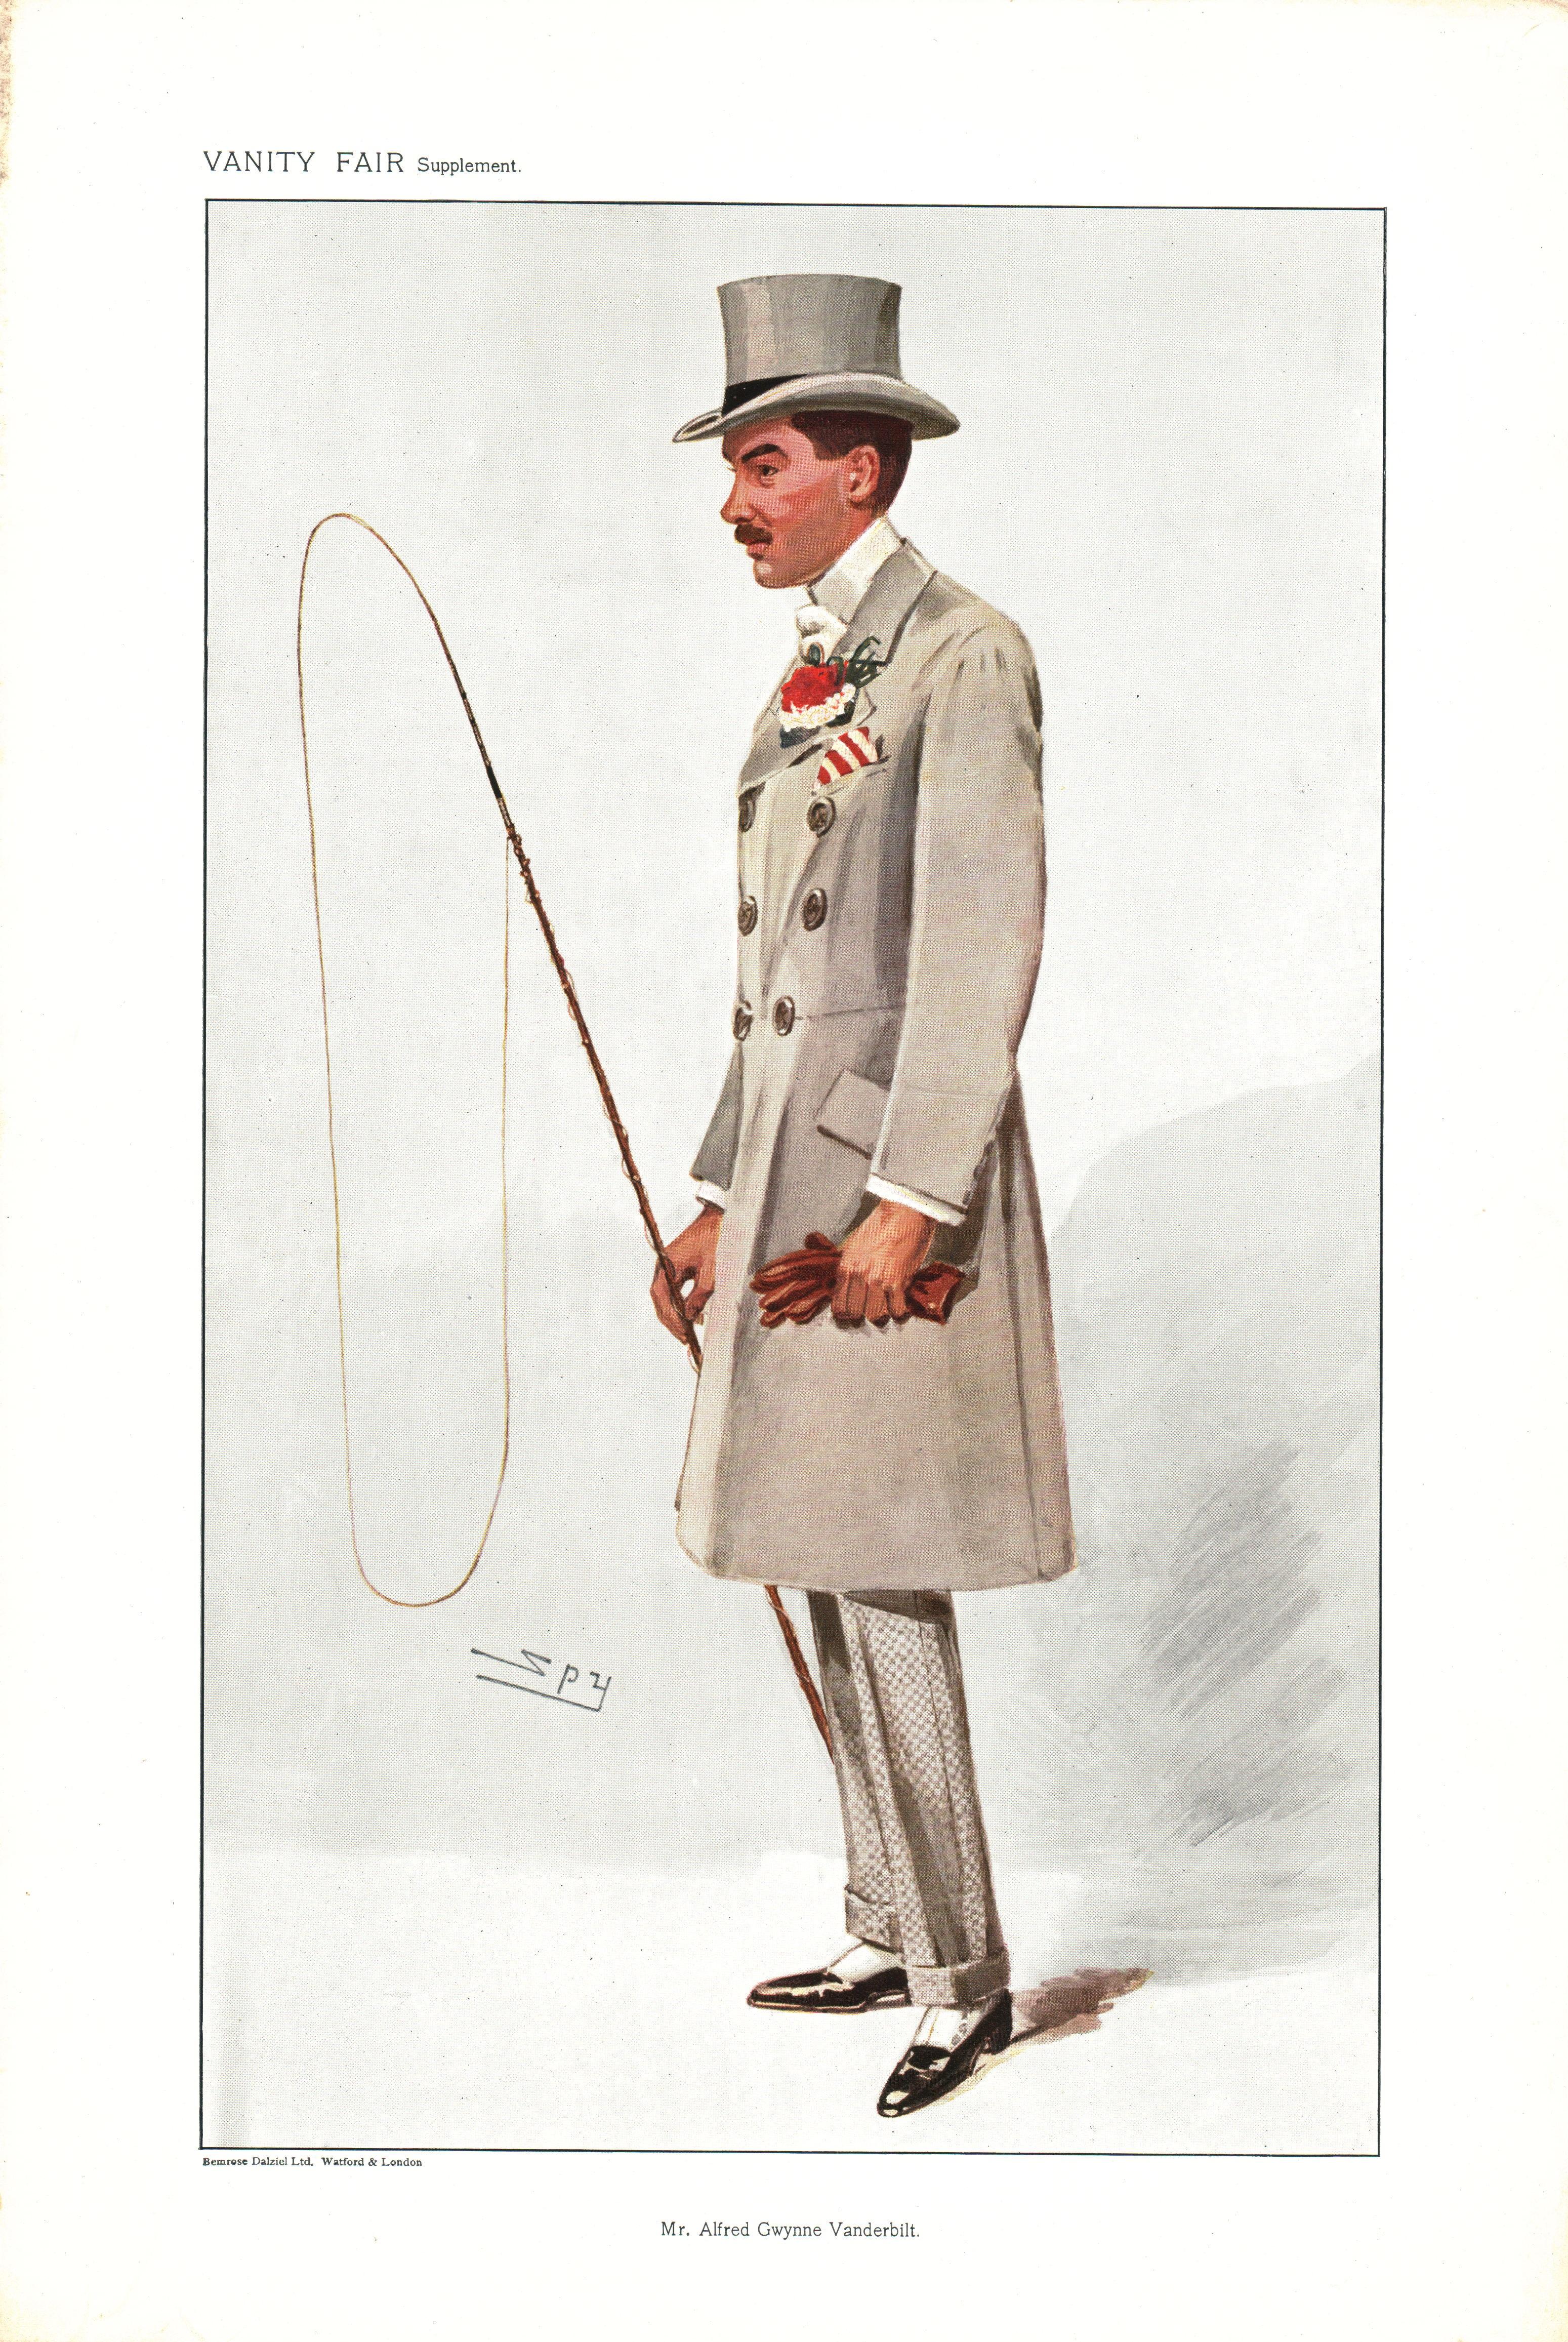 Mr. Alfred Gwynne Vanderbilt